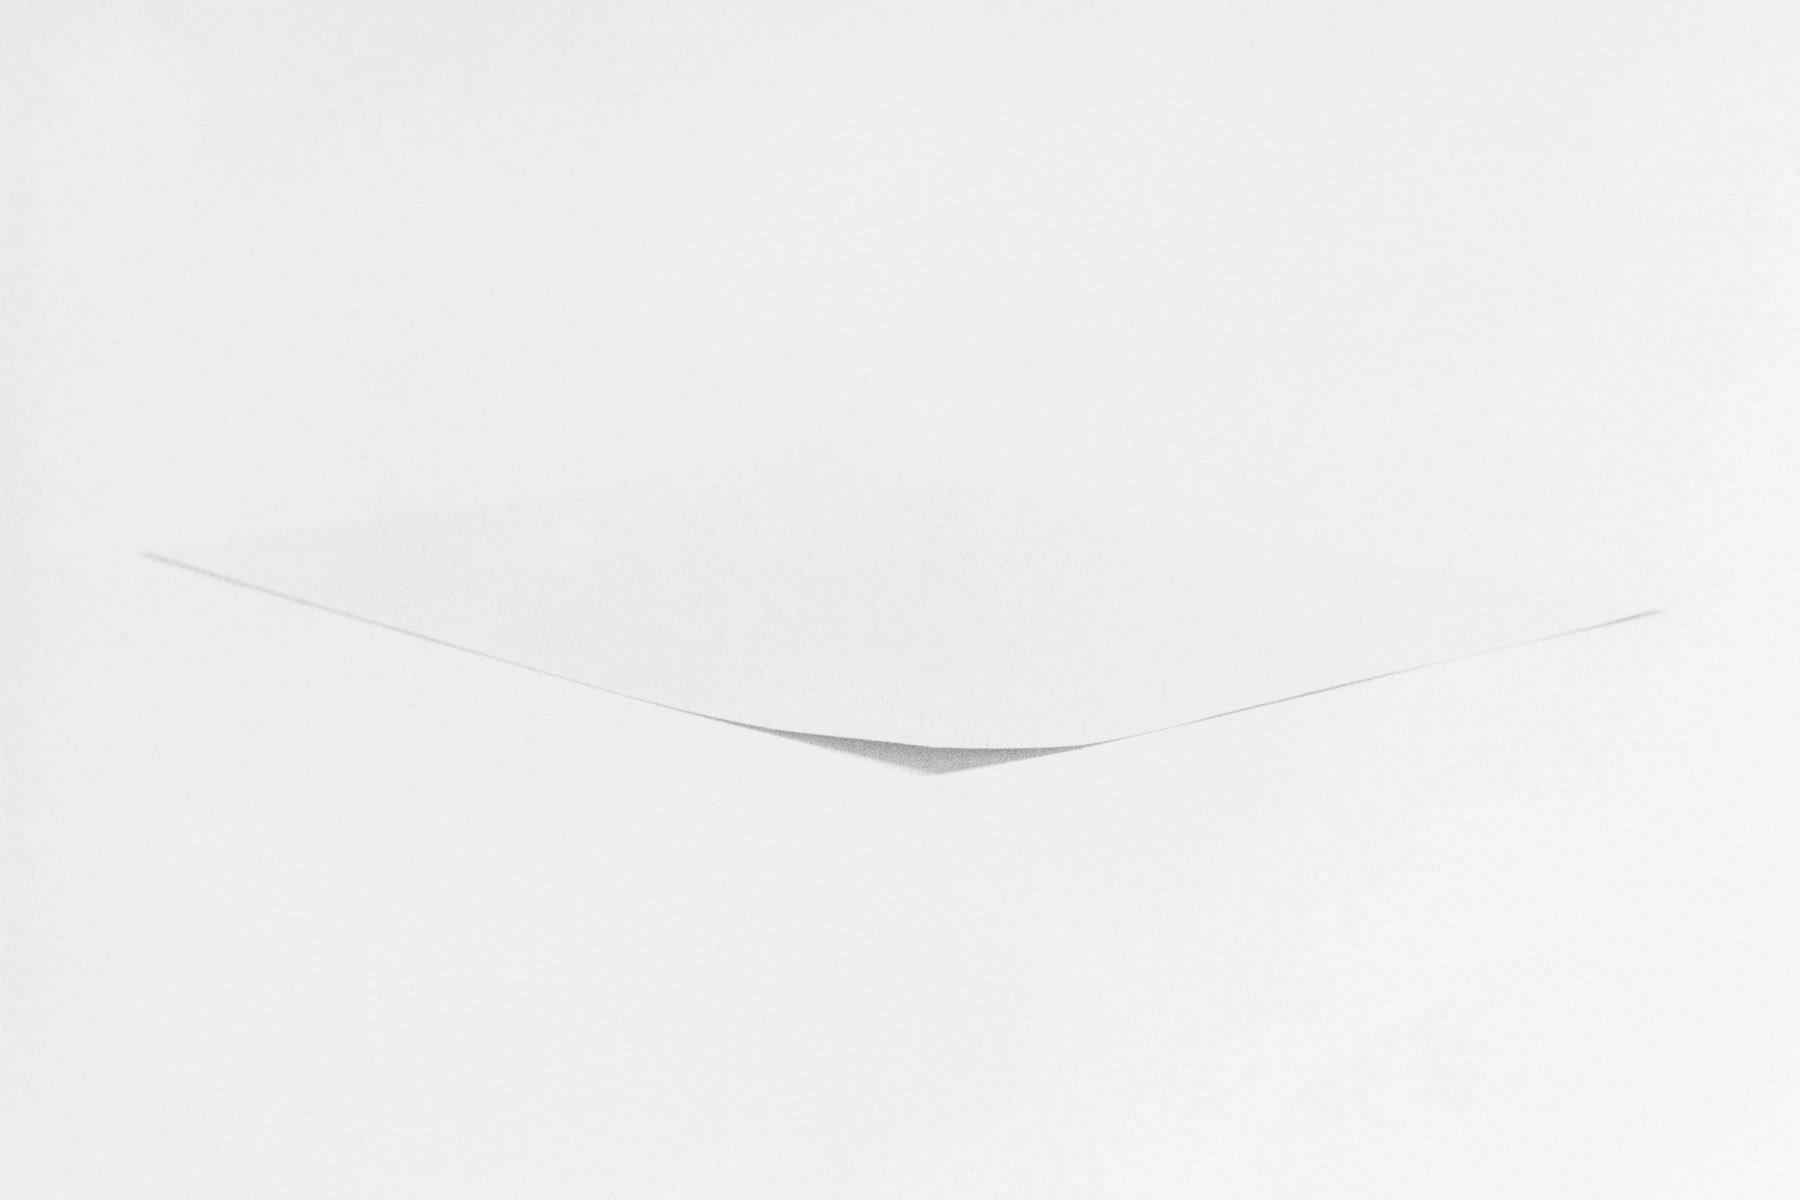 Paper © Rogier Houwen